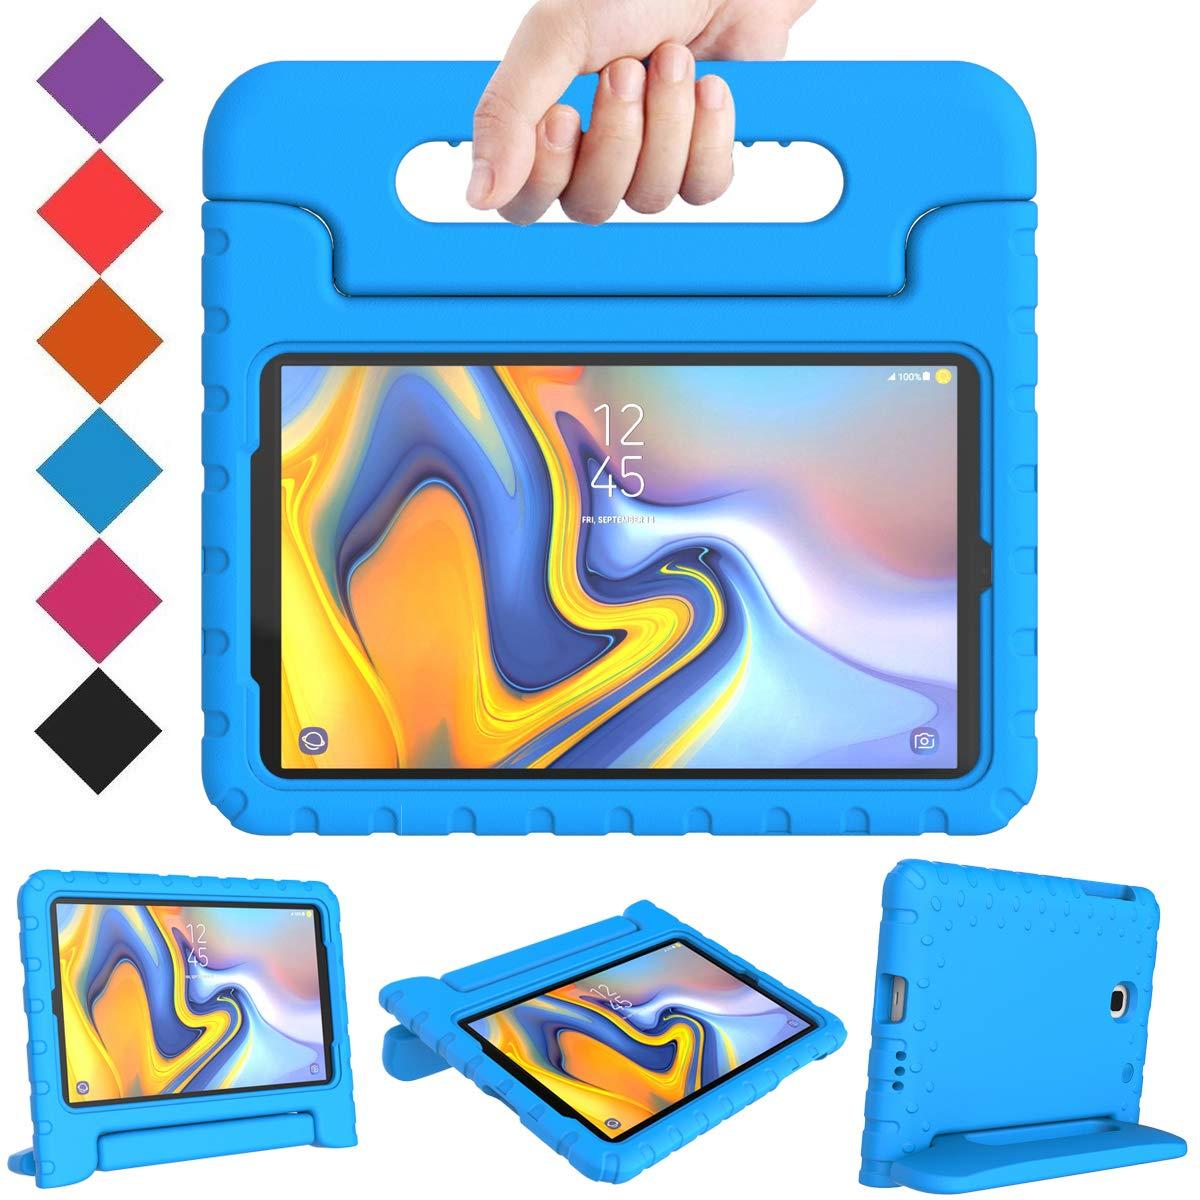 Funda Samsung Galaxy Tab A 8.0 (2018) BMOUO [7HSVBFPB]